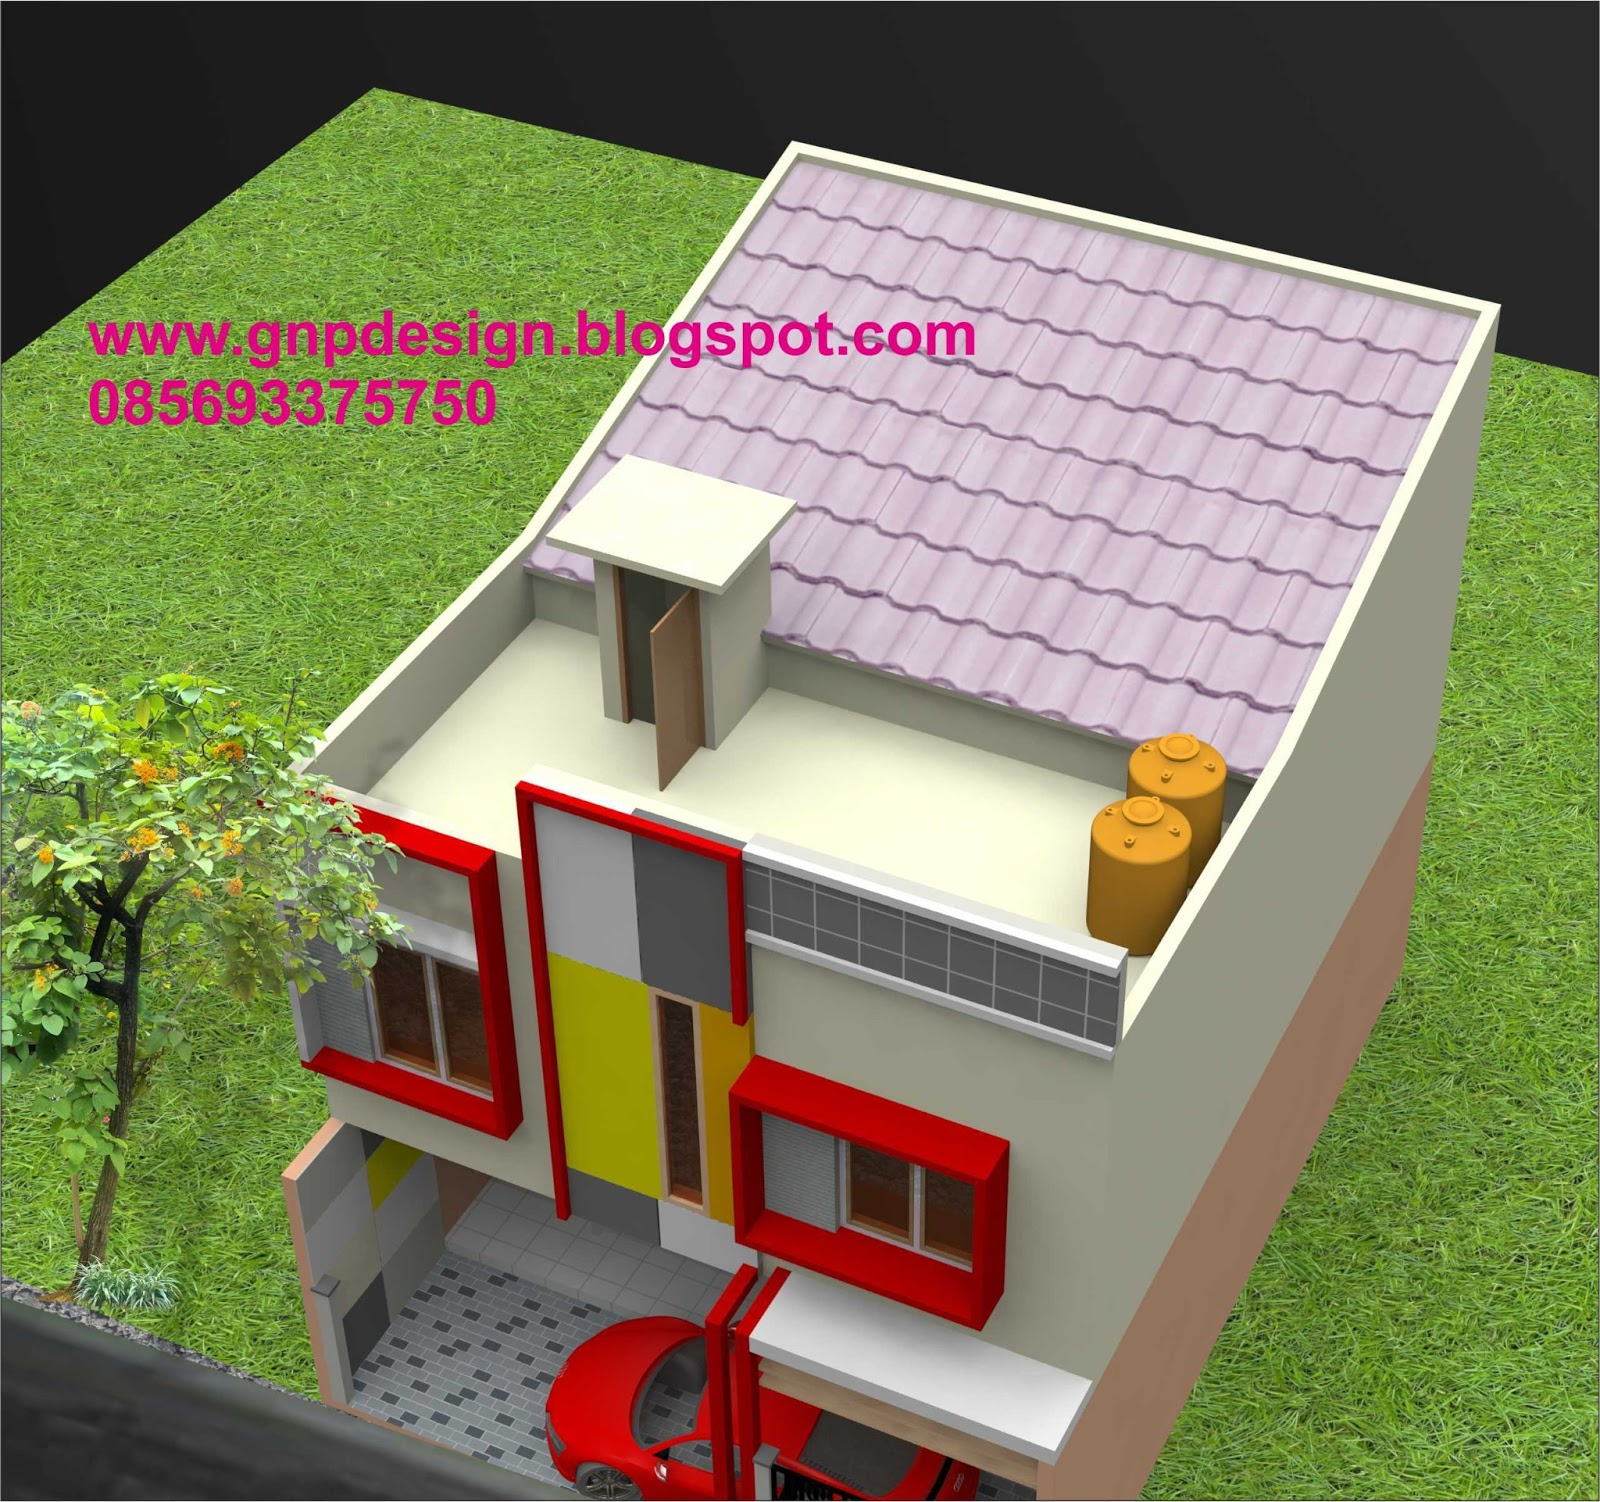 Gambar Denah Rumah Kontrakan 5 Pintu Ukuran Standar Jendela